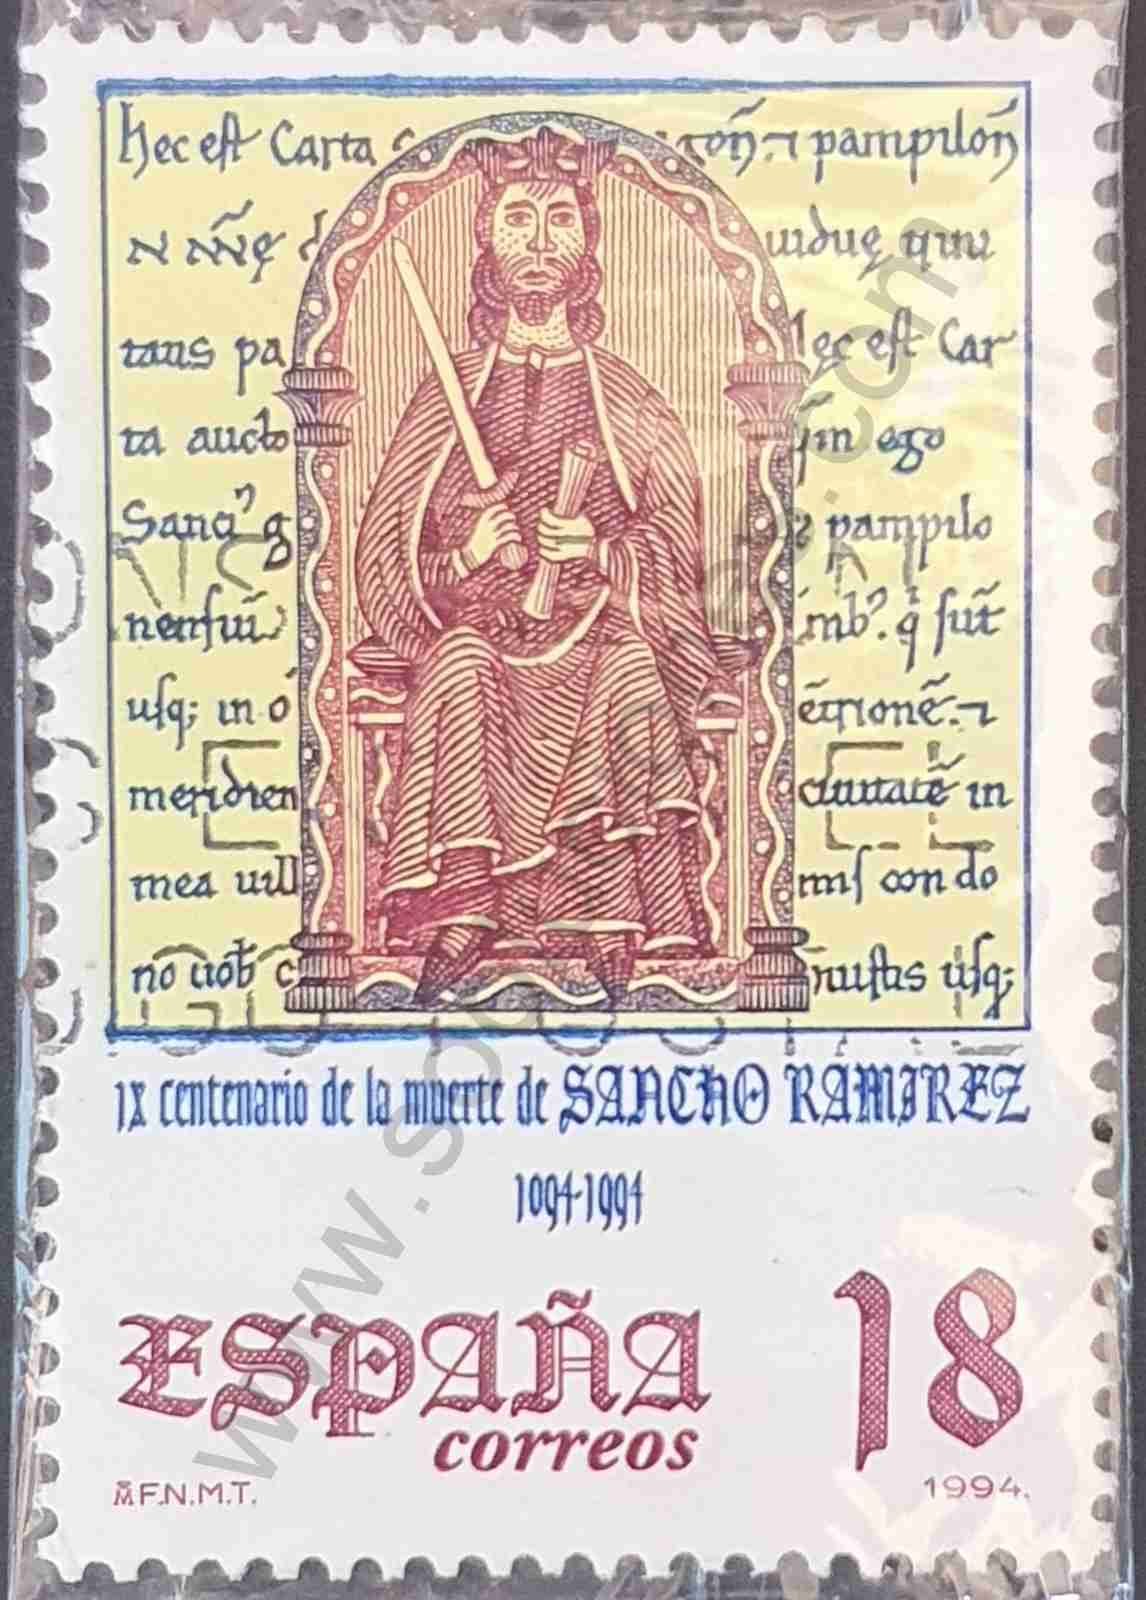 900 aniversario del Rey Sancho - Sello España 1994